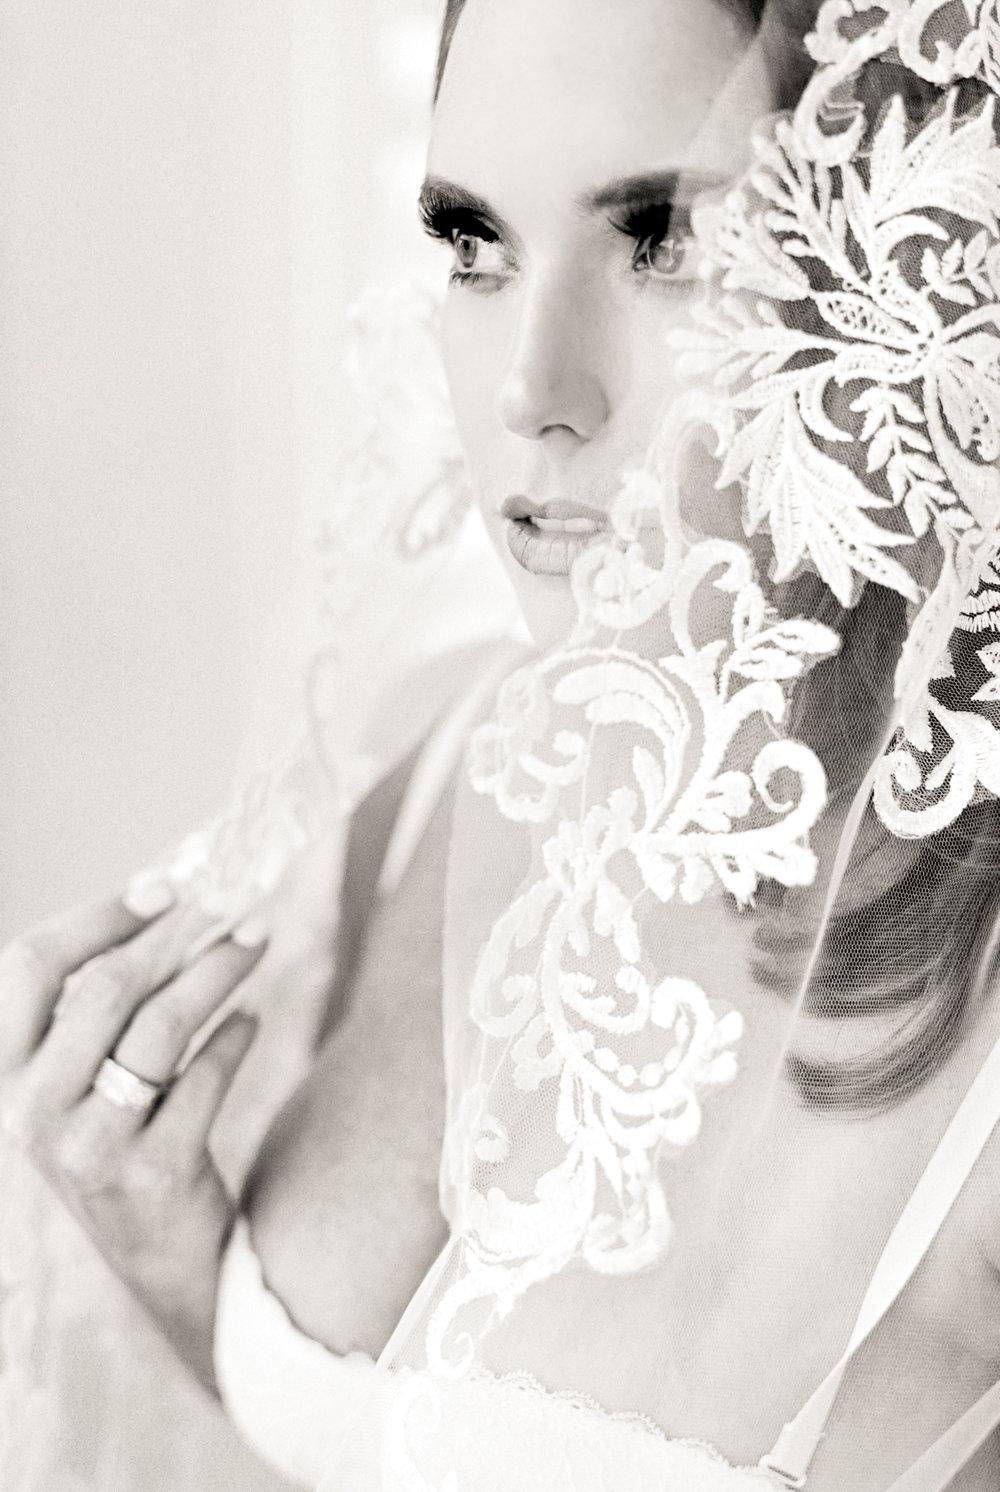 dennisroycoronel_bridal_boudoir_orangecounty_losangeles_photographer-49.jpg